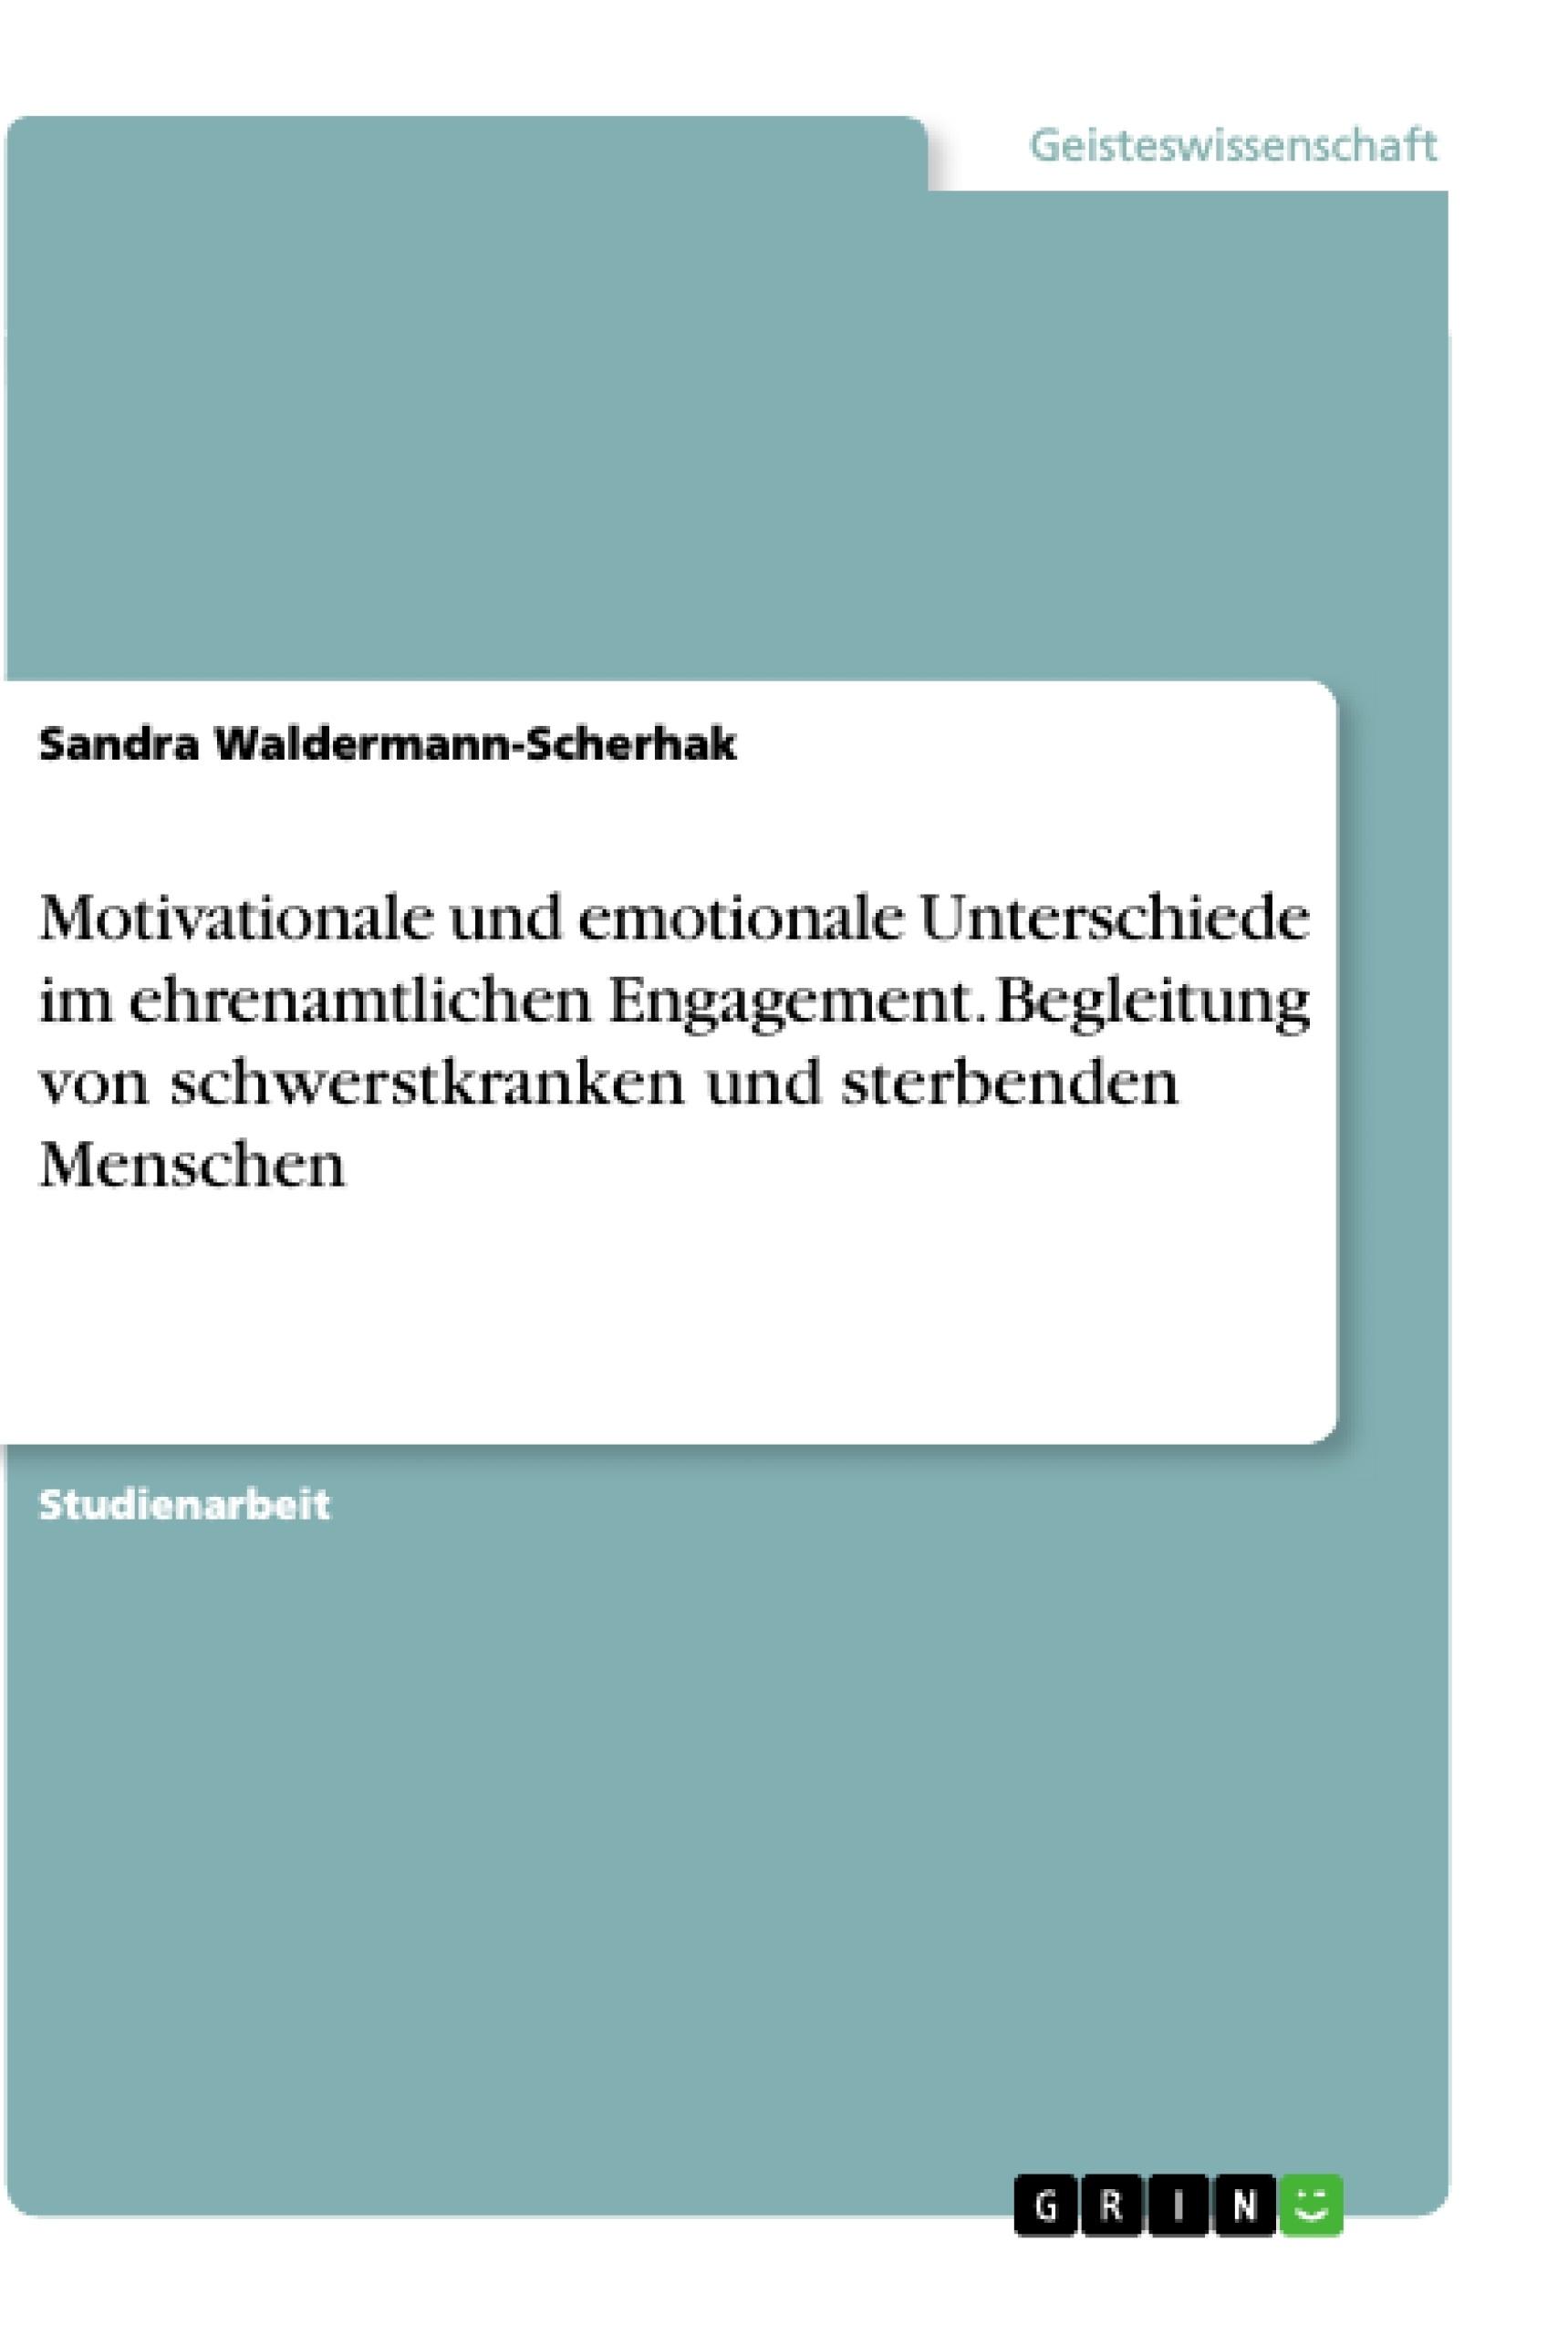 Titel: Motivationale und emotionale Unterschiede im ehrenamtlichen Engagement. Begleitung von schwerstkranken und sterbenden Menschen